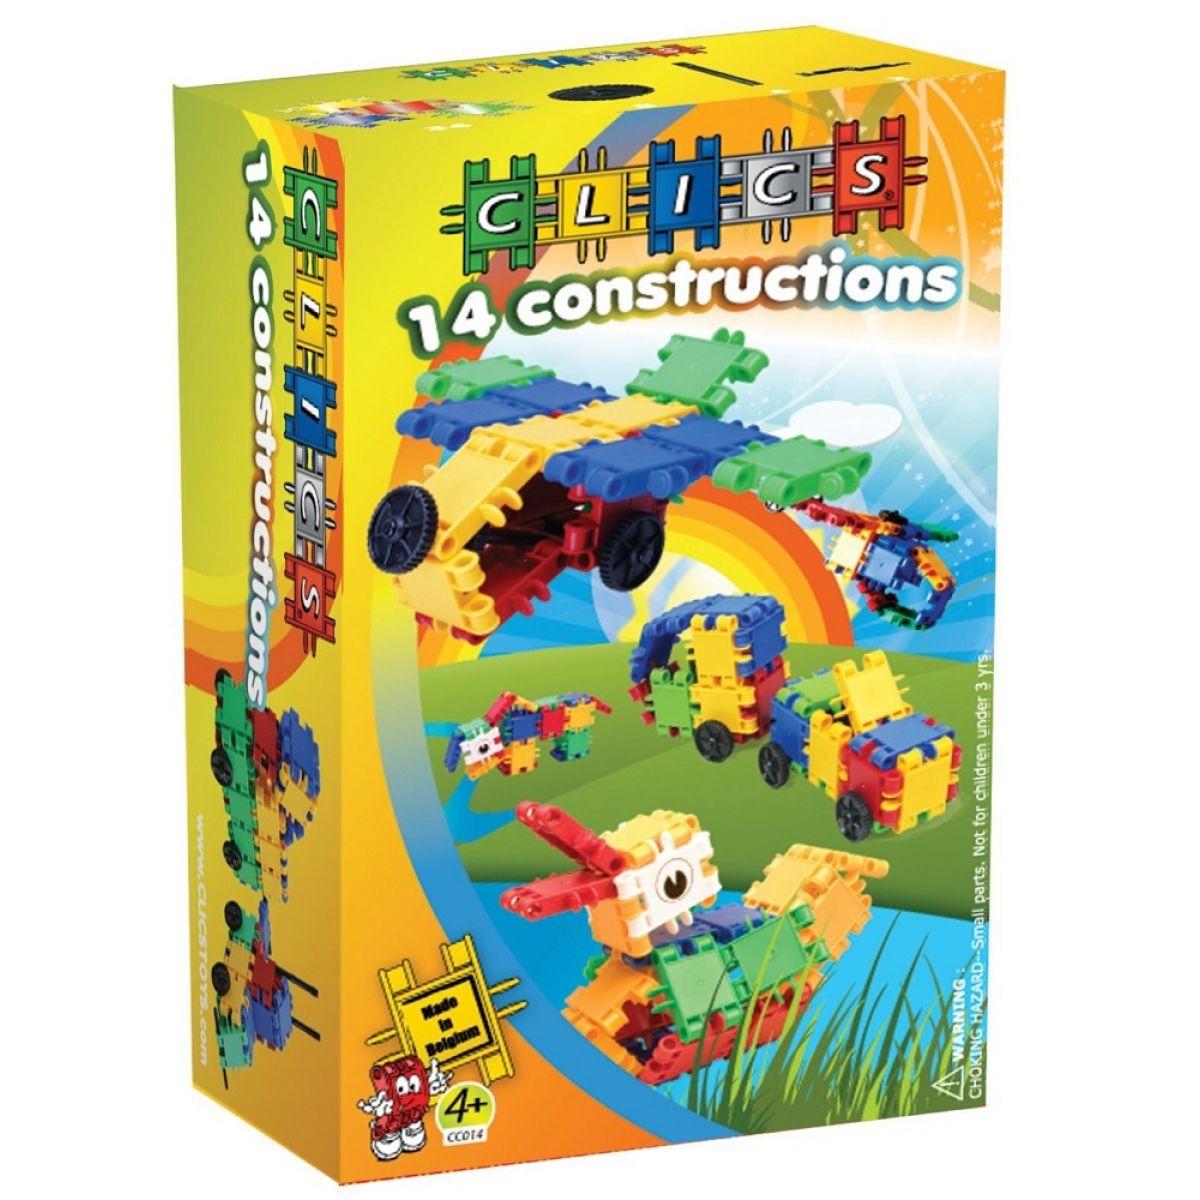 Clics 14 Constructions Box